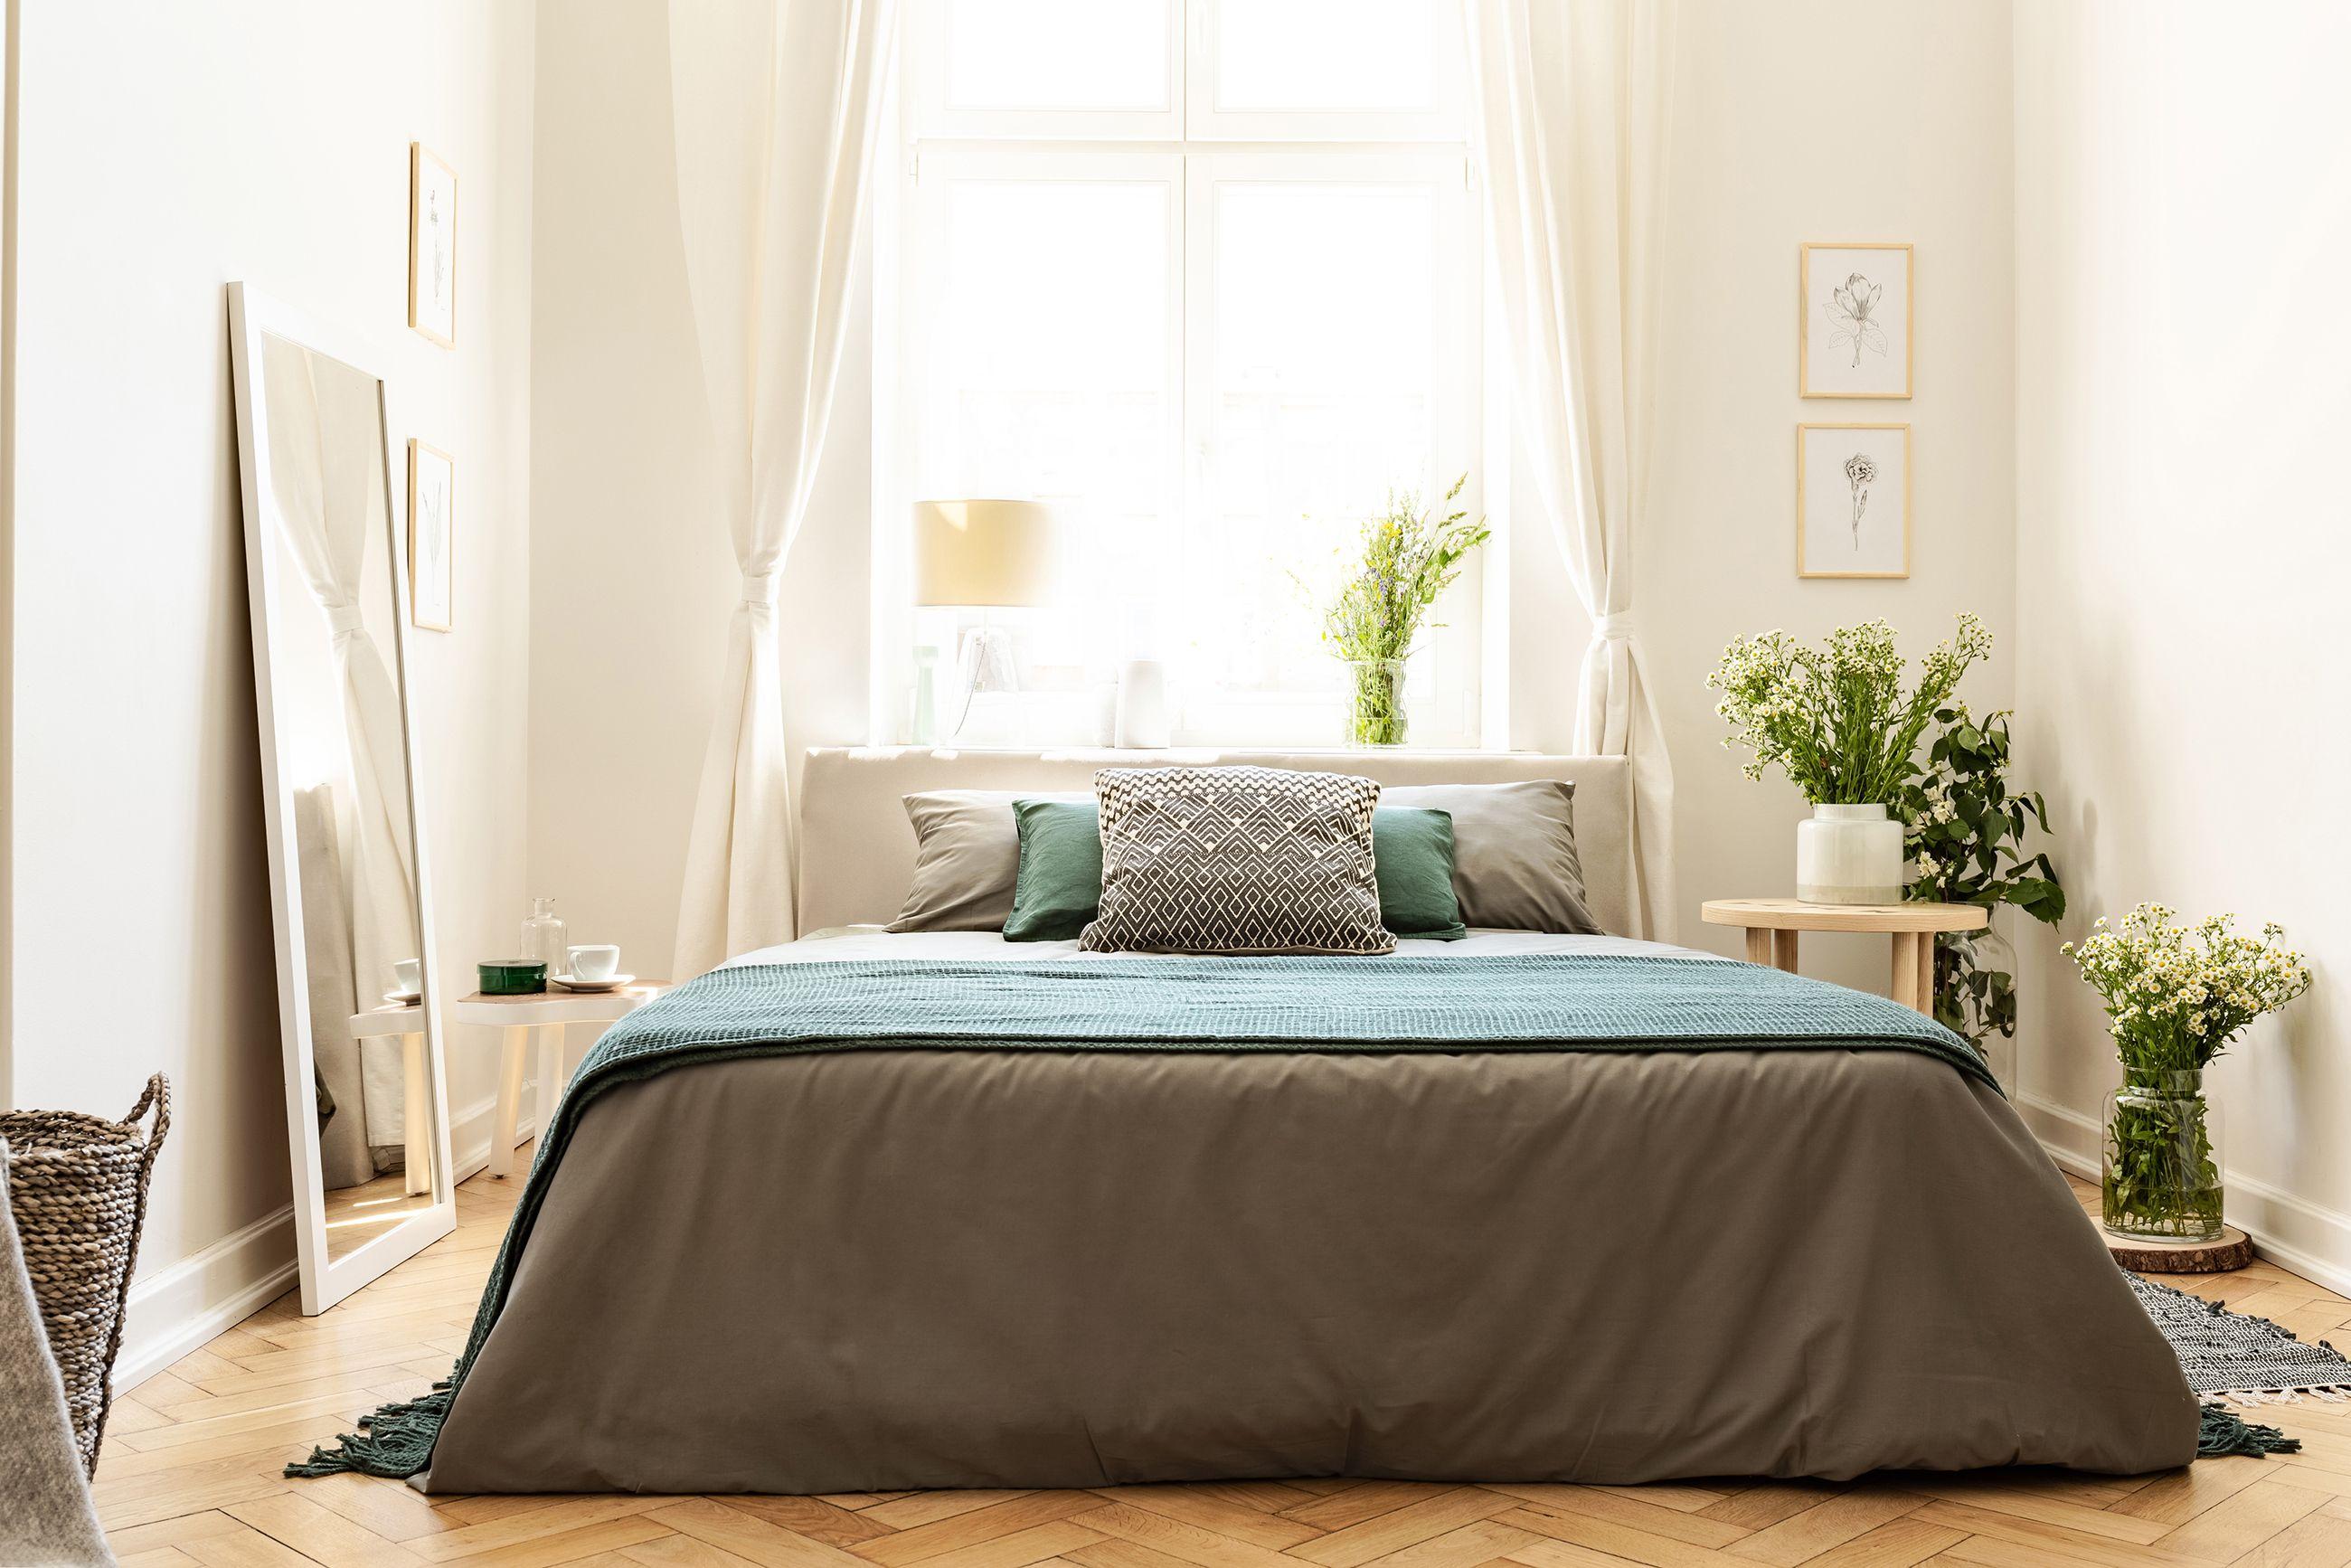 small bedroom ideas natural light